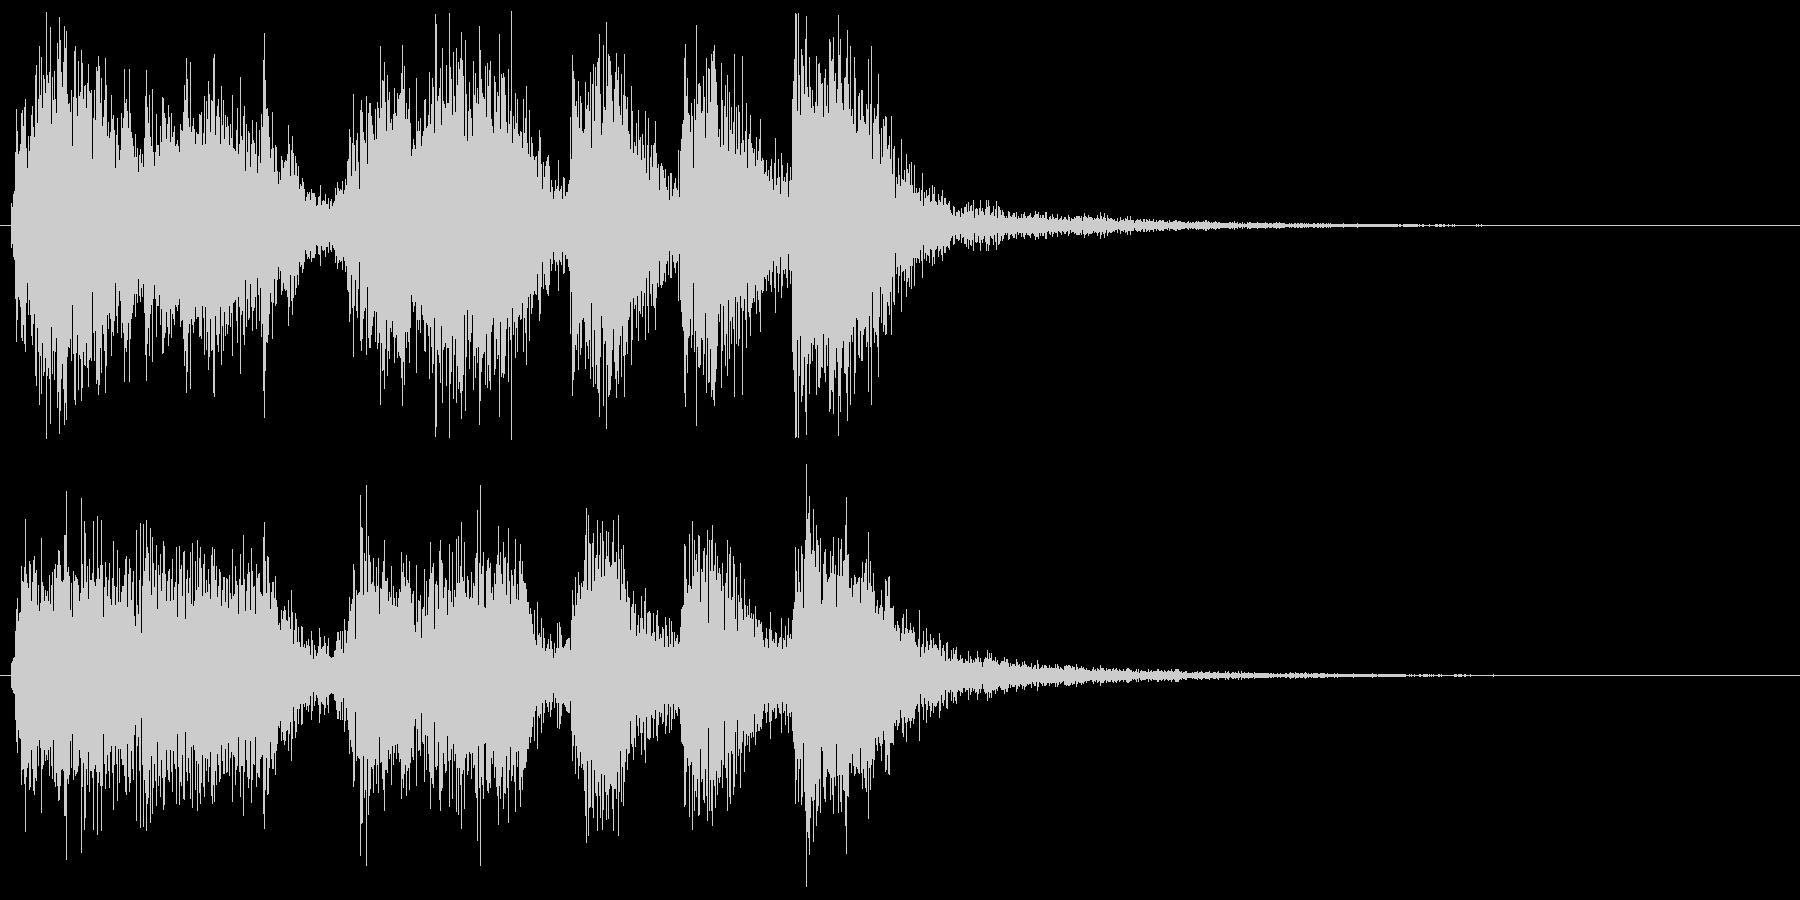 派手なレベルアップ音↑(オーケストラ風)の未再生の波形